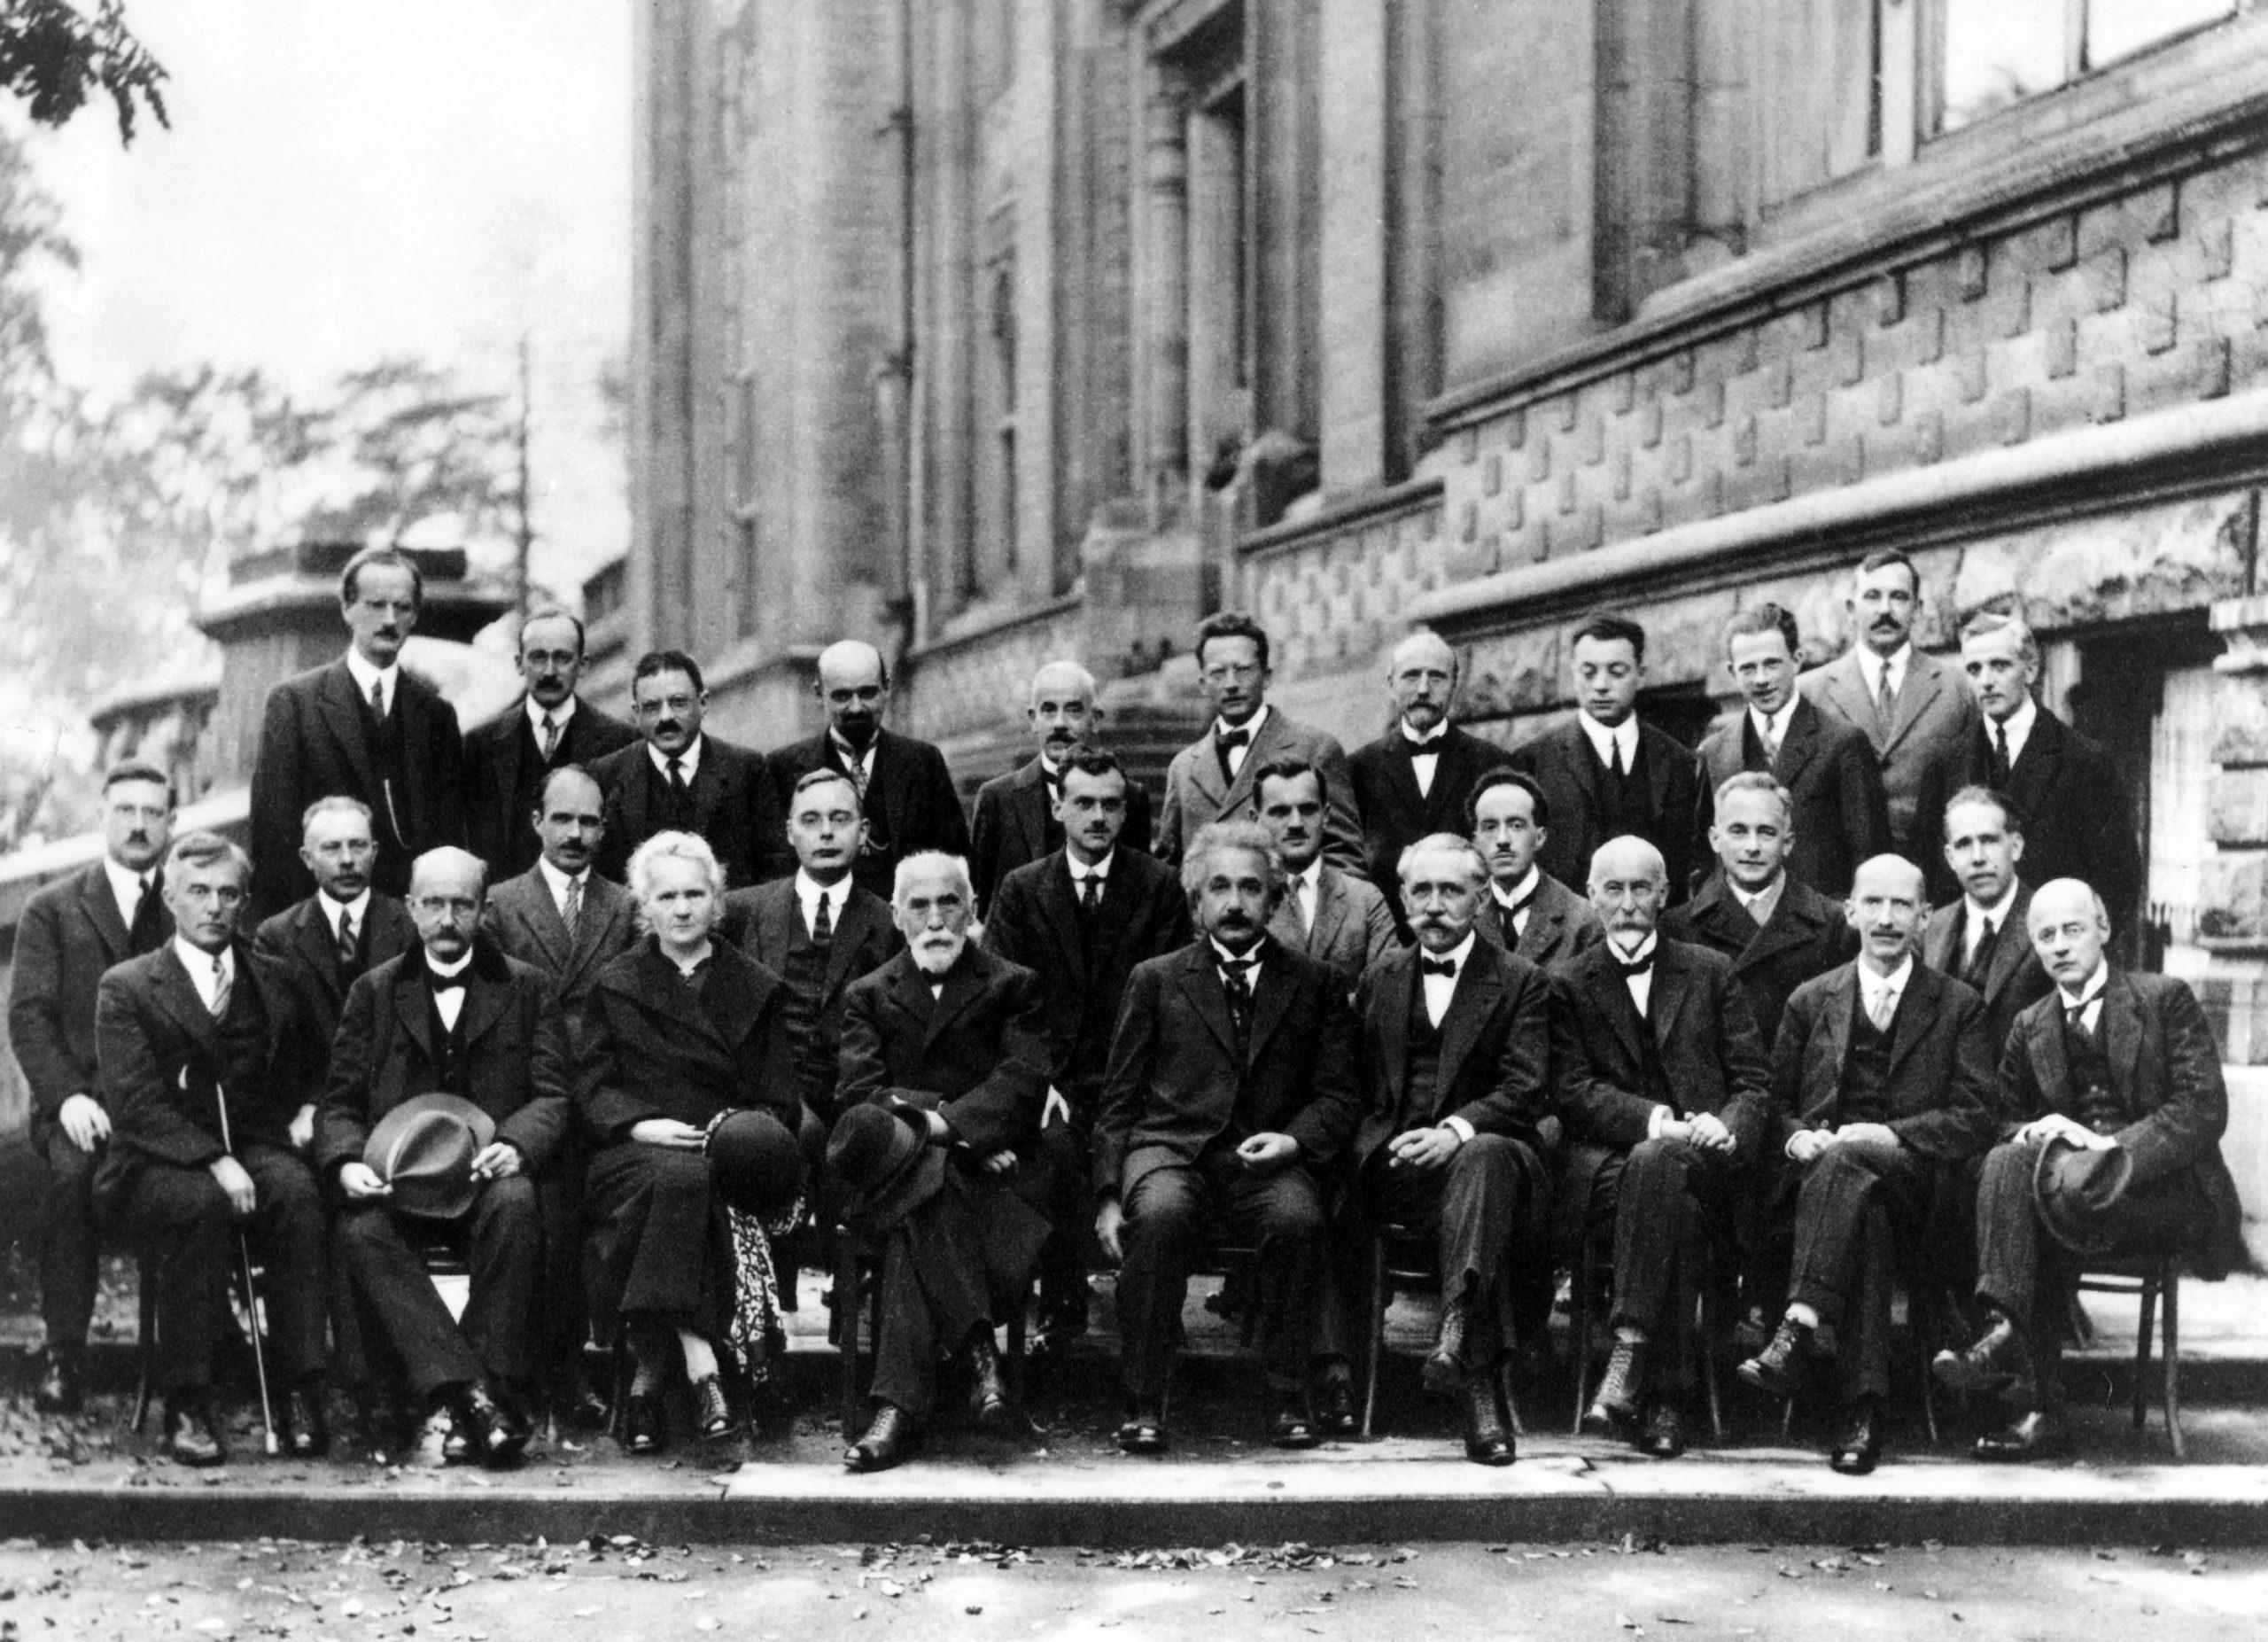 איינשטיין והקולגות. תמונה קבוצתית מכנס פיזיקאים שעסק במכניקת הקוונטים, בריסל 1927